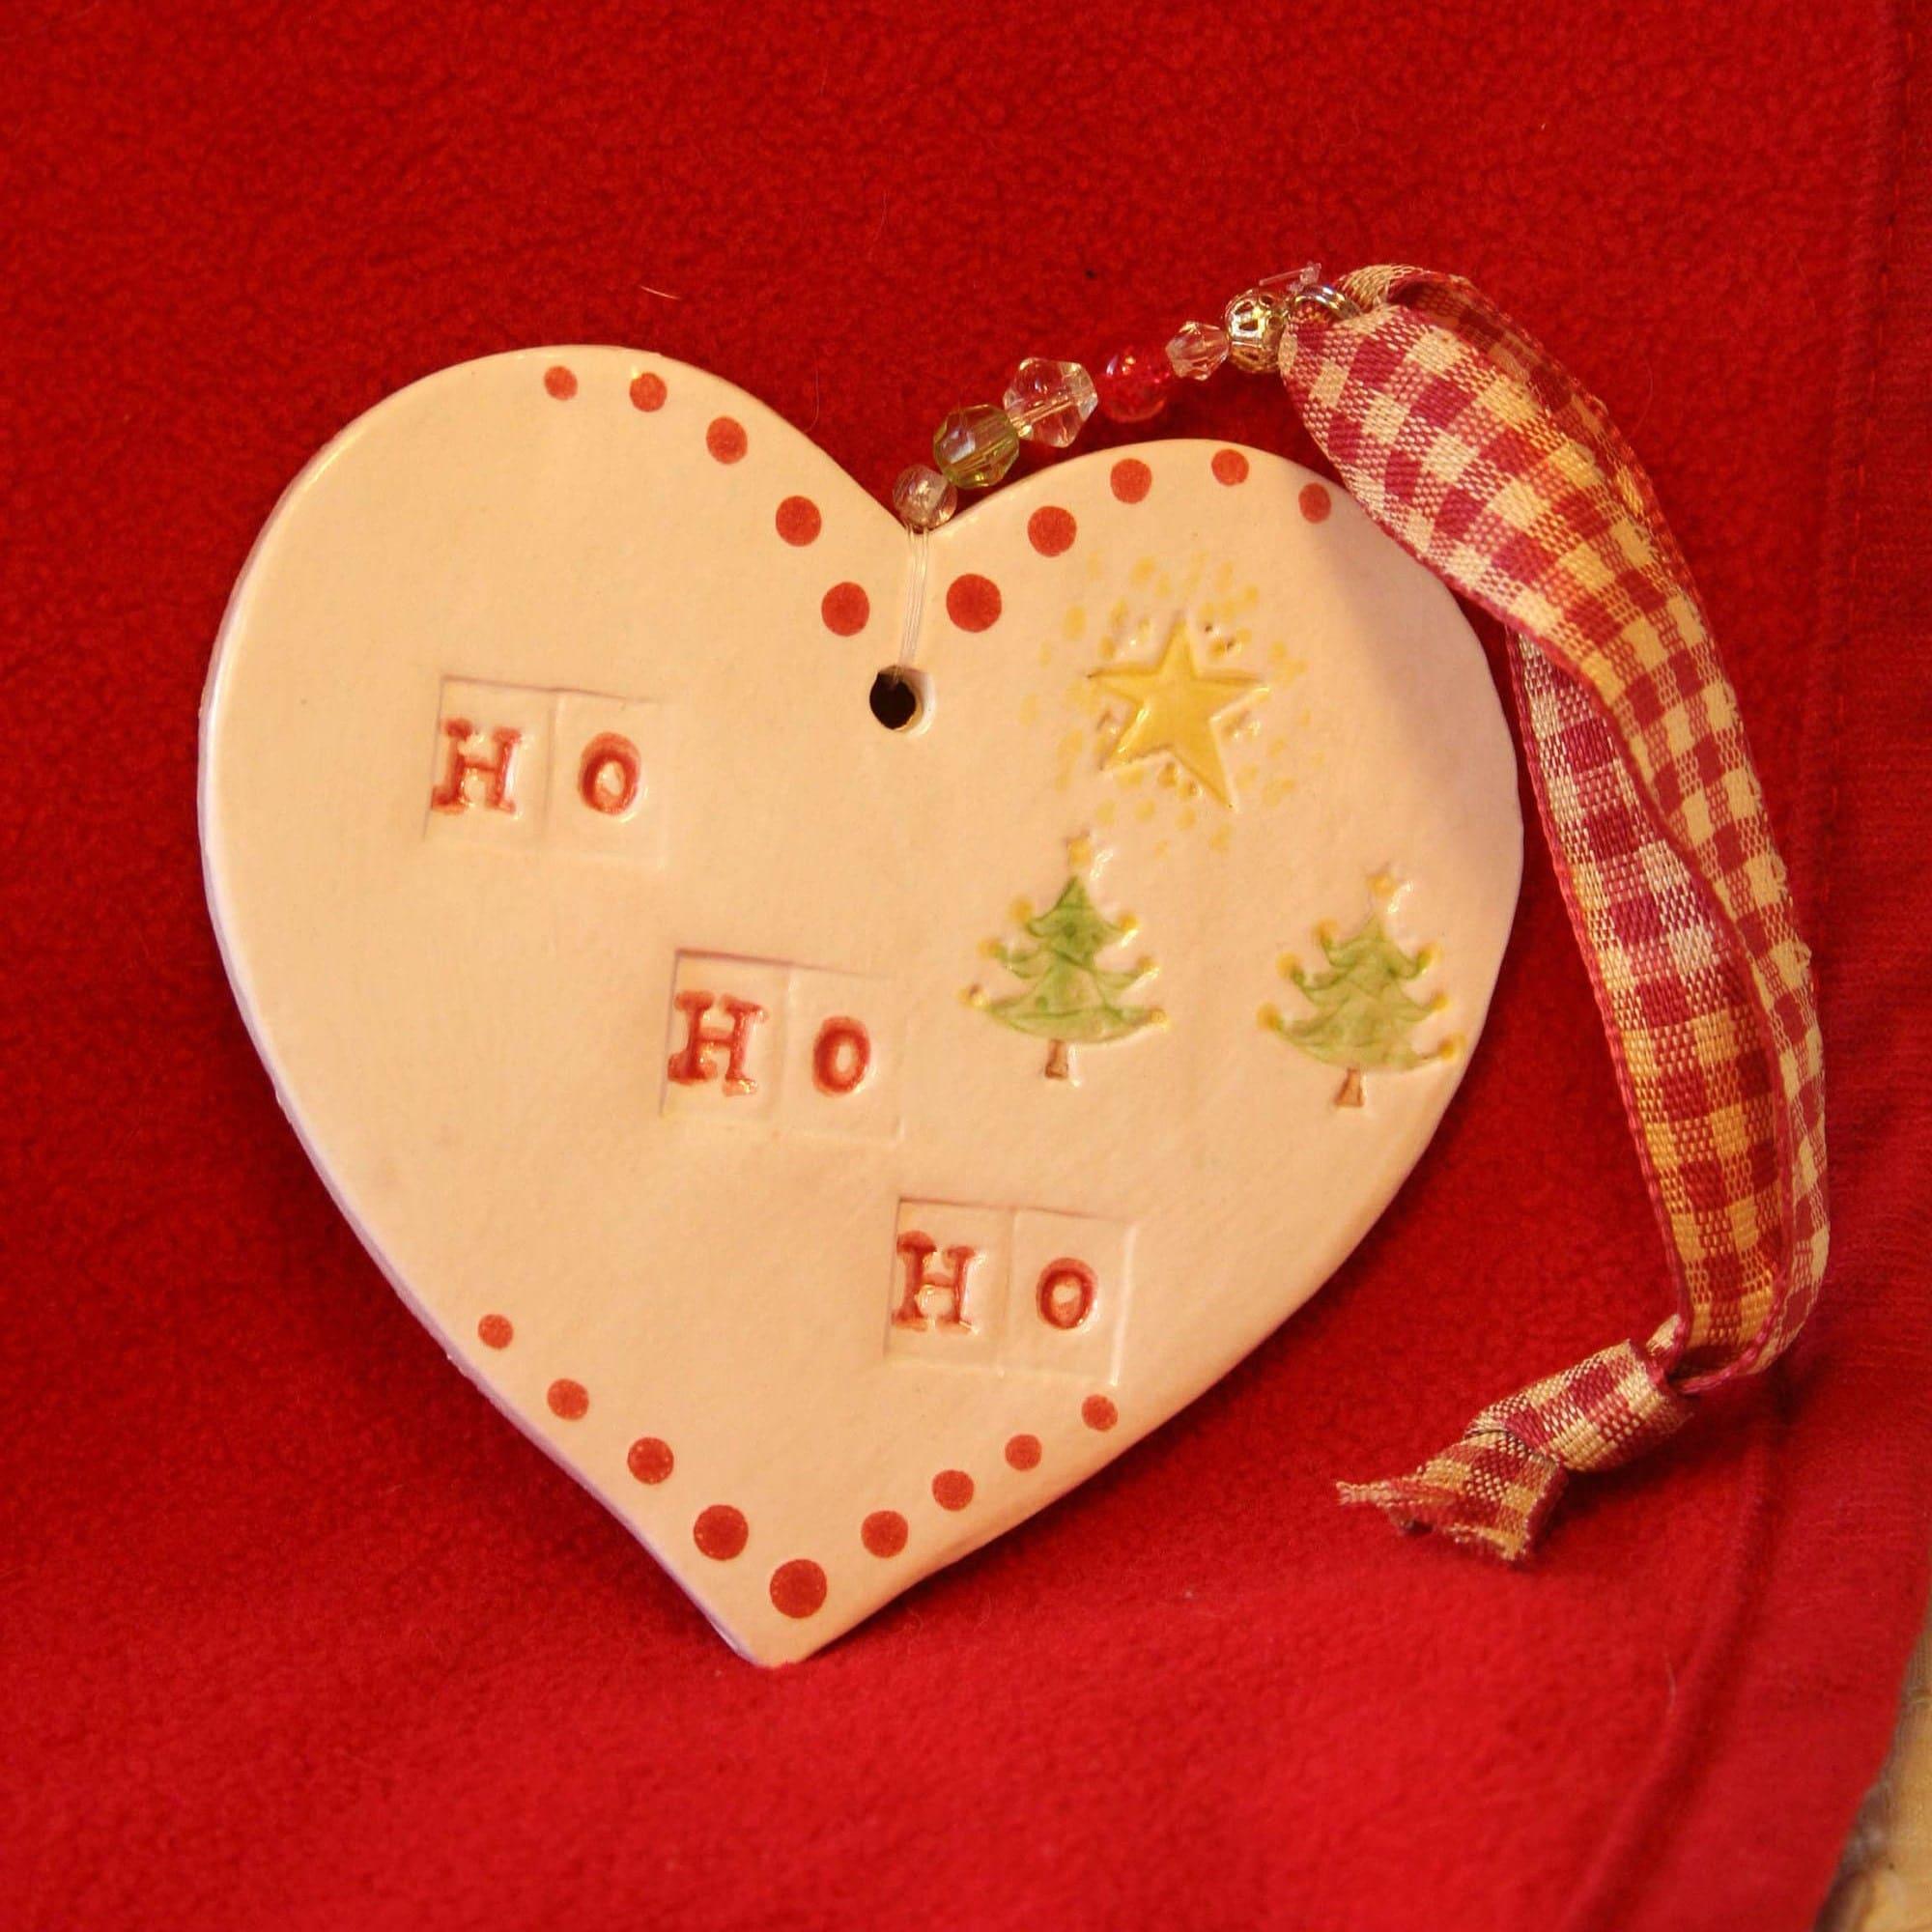 Ho Ho Ho, Merry Christmas, Heart Decoration, Xmas Tree Decor ...